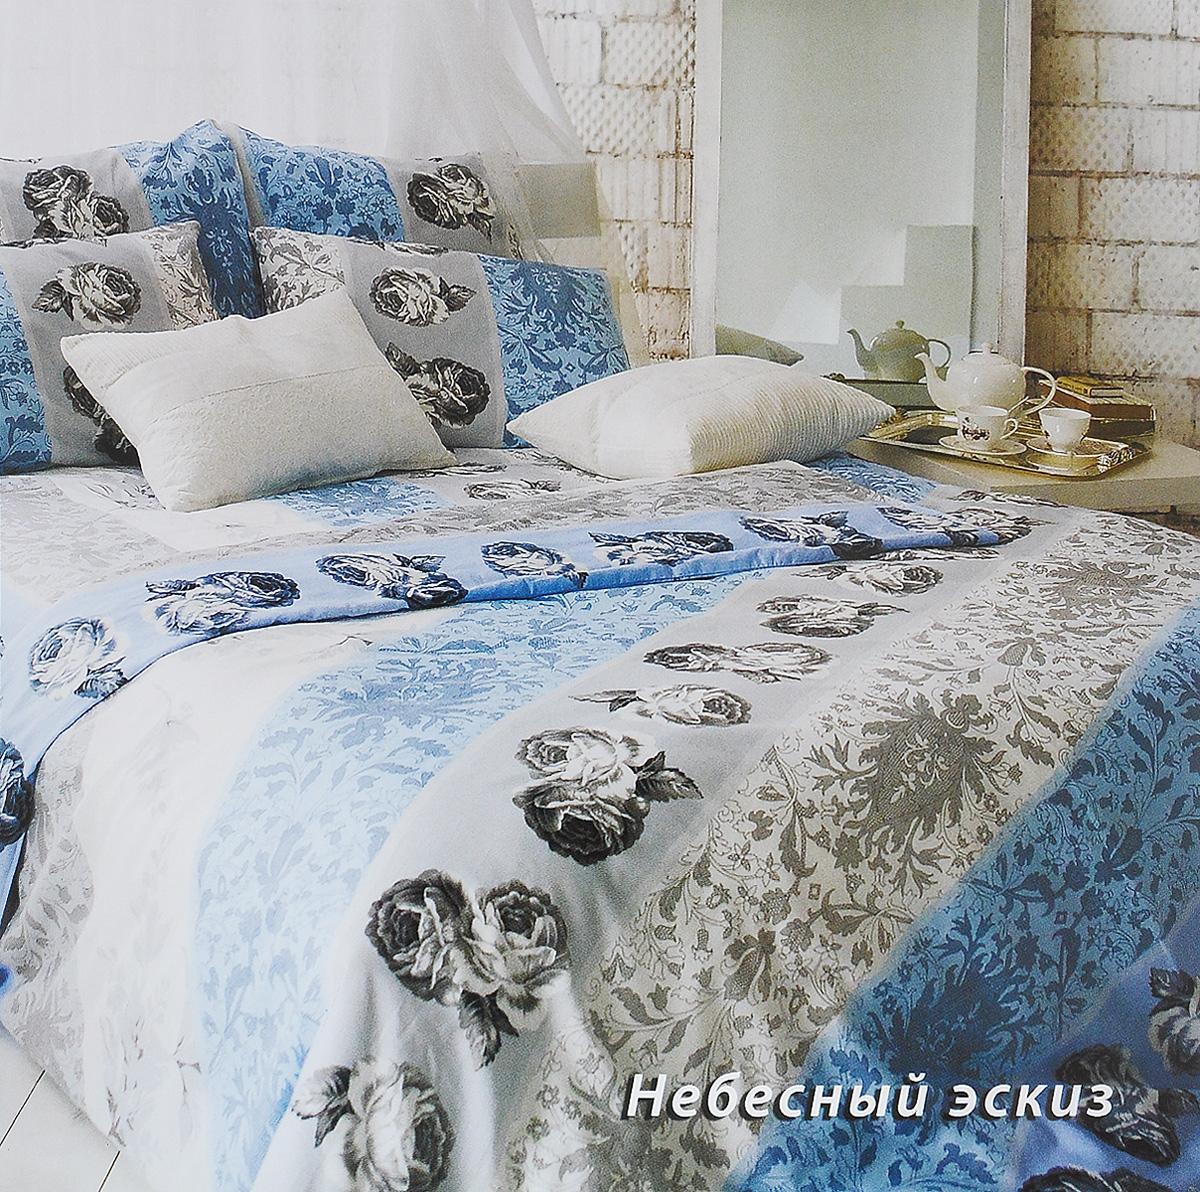 Комплект белья Tiffanys Secret Небесный эскиз, евро, наволочки 70х70, цвет: голубой, белый, серый2040815189Комплект постельного белья Tiffanys Secret Небесный эскиз является экологически безопасным для всей семьи, так как выполнен из сатина (100% хлопок). Комплект состоит из пододеяльника, простыни и двух наволочек. Предметы комплекта оформлены оригинальным рисунком.Благодаря такому комплекту постельного белья вы сможете создать атмосферу уюта и комфорта в вашей спальне.Сатин - это ткань, навсегда покорившая сердца человечества. Ценившие роскошь персы называли ее атлас, а искушенные в прекрасном французы - сатин. Секрет высококачественного сатина в безупречности всего технологического процесса. Эту благородную ткань делают только из отборной натуральной пряжи, которую получают из самого лучшего тонковолокнистого хлопка. Благодаря использованию самой тонкой хлопковой нити получается необычайно мягкое и нежное полотно. Сатиновое постельное белье превращает жаркие летние ночи в прохладные и освежающие, а холодные зимние - в теплые и согревающие. Сатин очень приятен на ощупь, постельное белье из него долговечно, выдерживает более 300 стирок, и лишь спустя долгое время материал начинает немного тускнеть. Оцените все достоинства постельного белья из сатина, выбирая самое лучшее для себя!